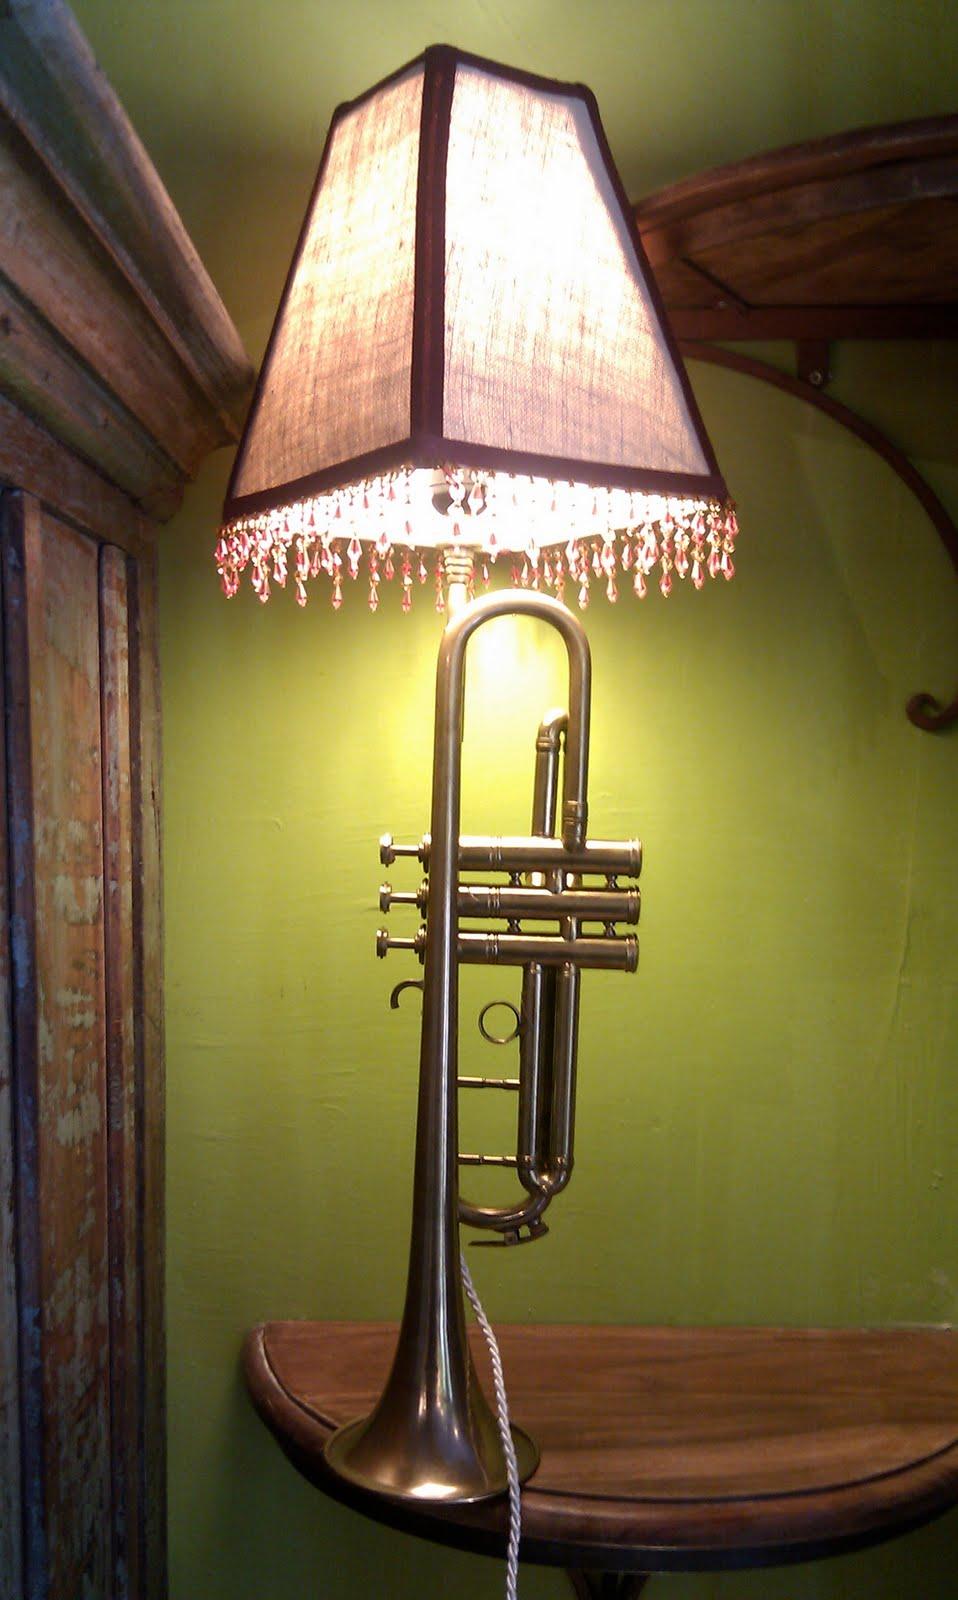 Art culos de decoraci n del hogar en lozano allende - Iluminacion para el hogar ...